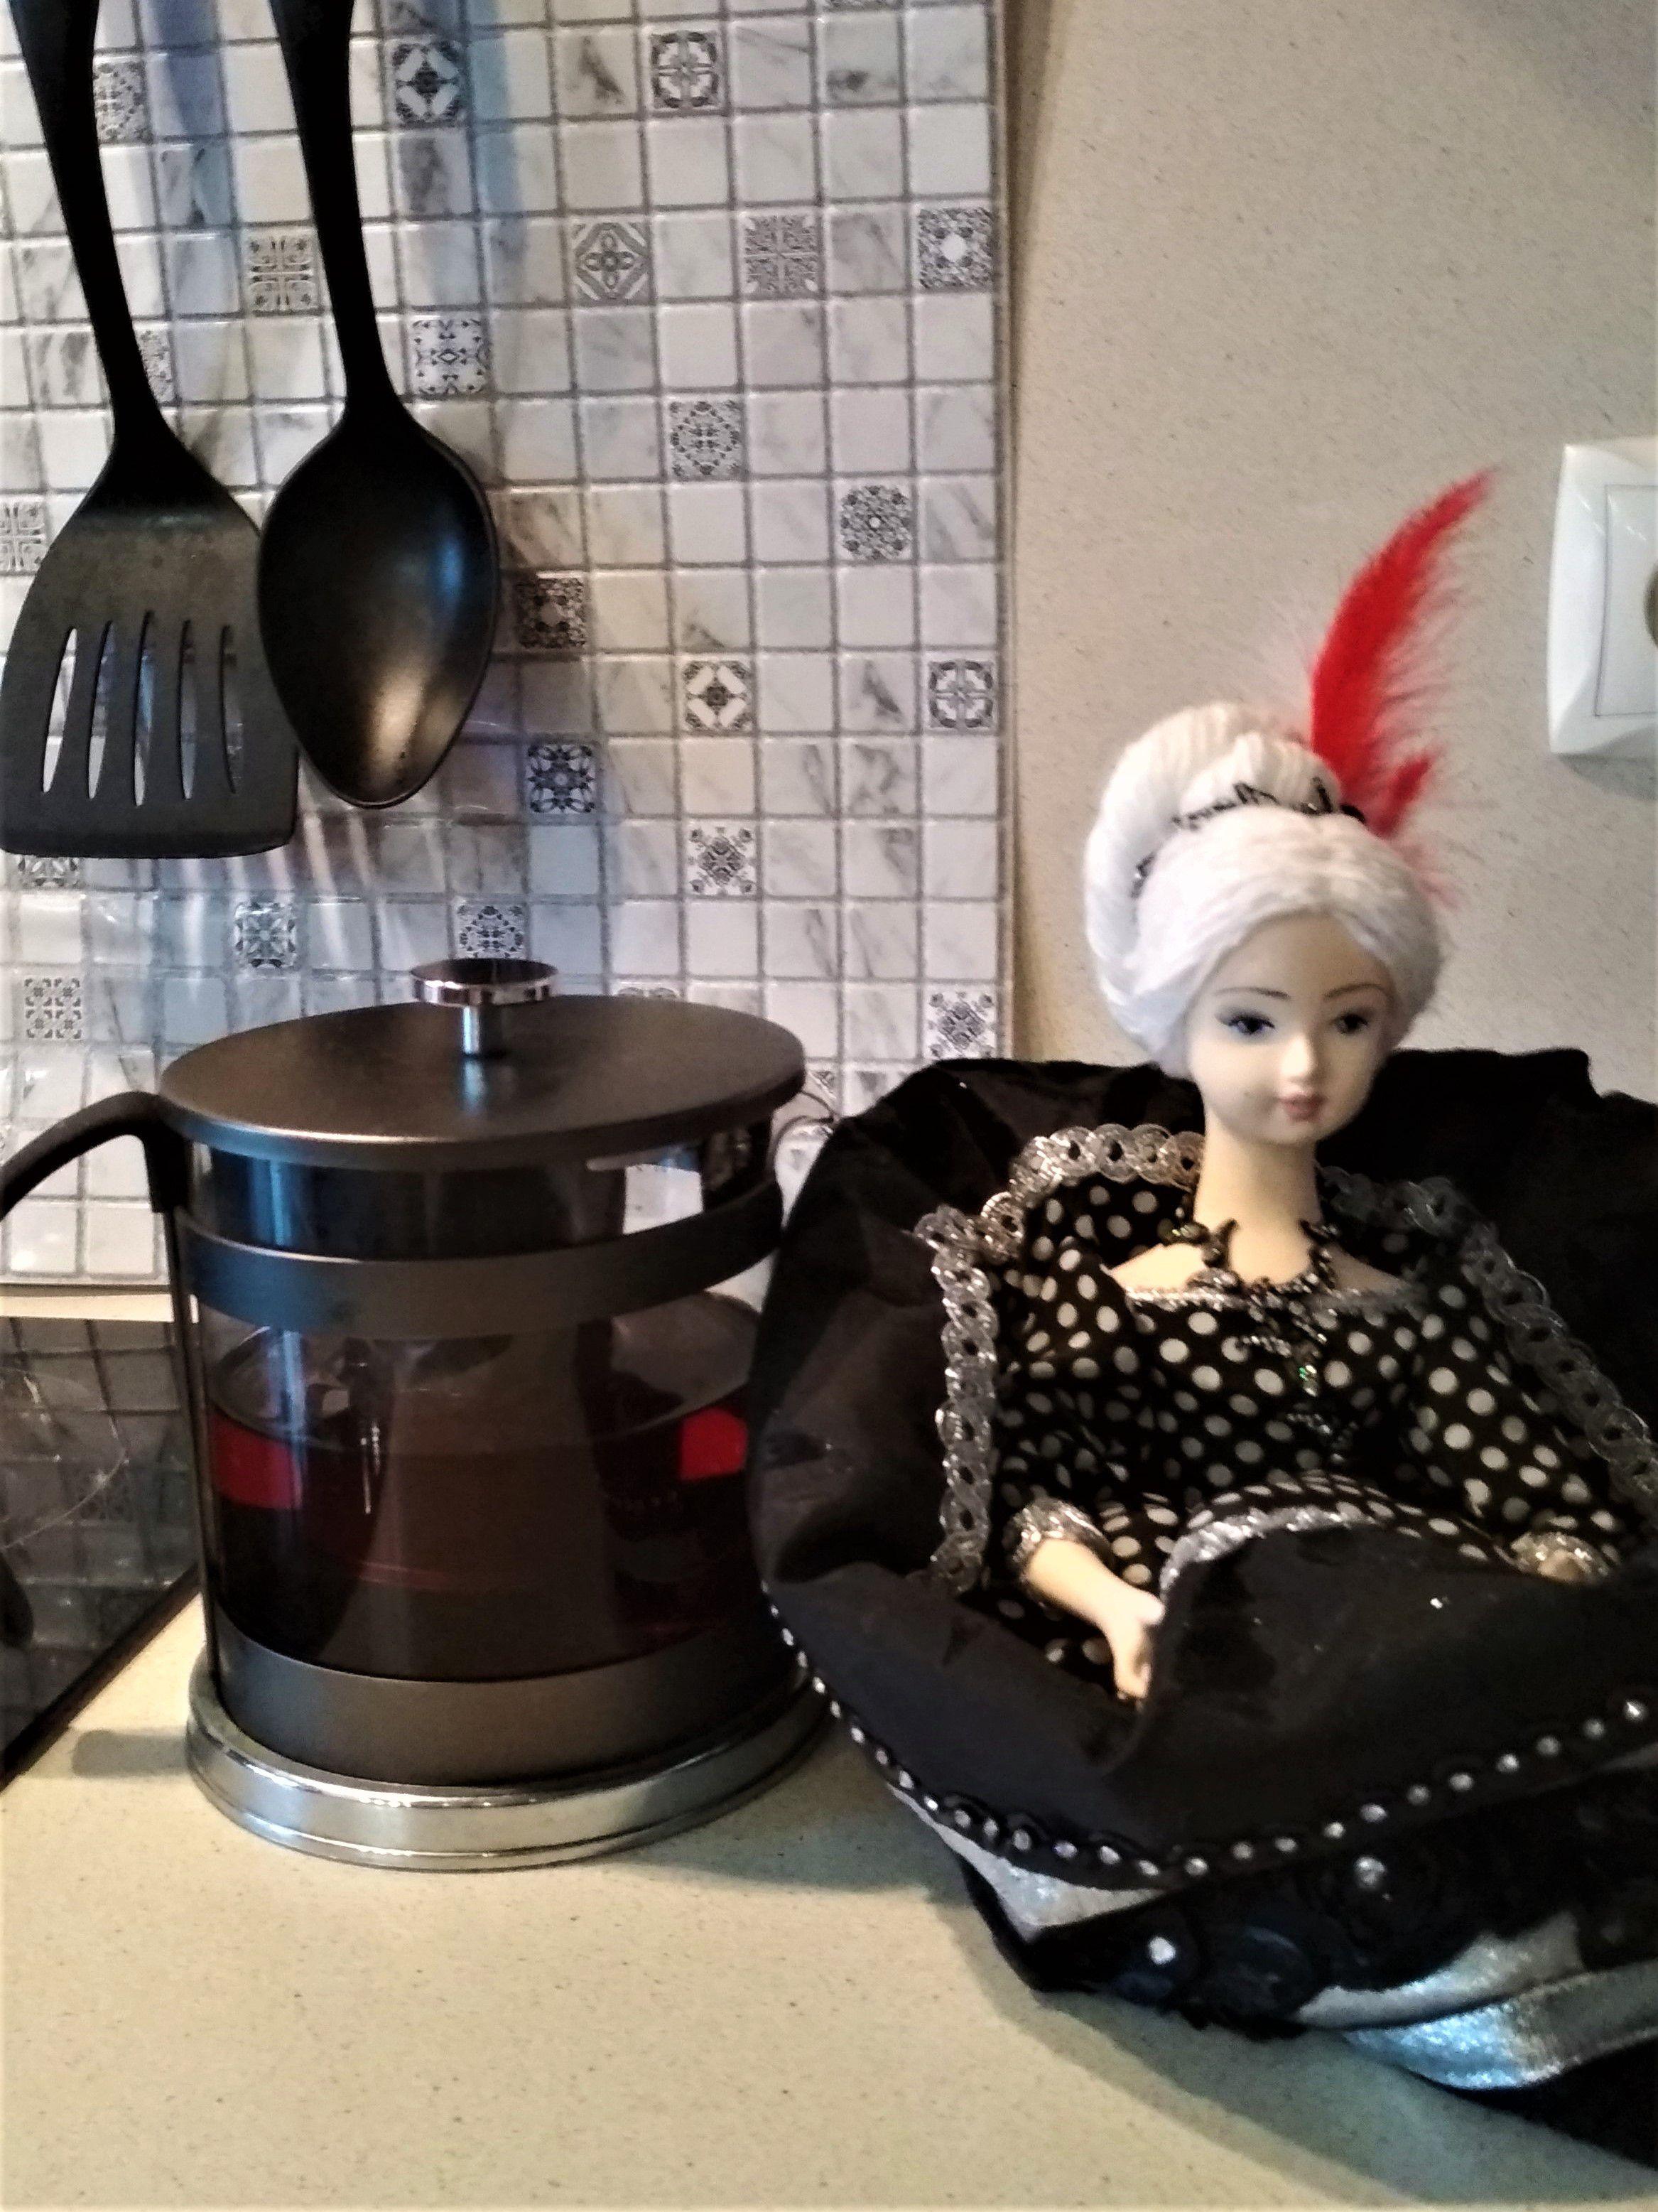 женщине подарок чай кухня чайник праздник интерьер девушке кухни чаепитие любой